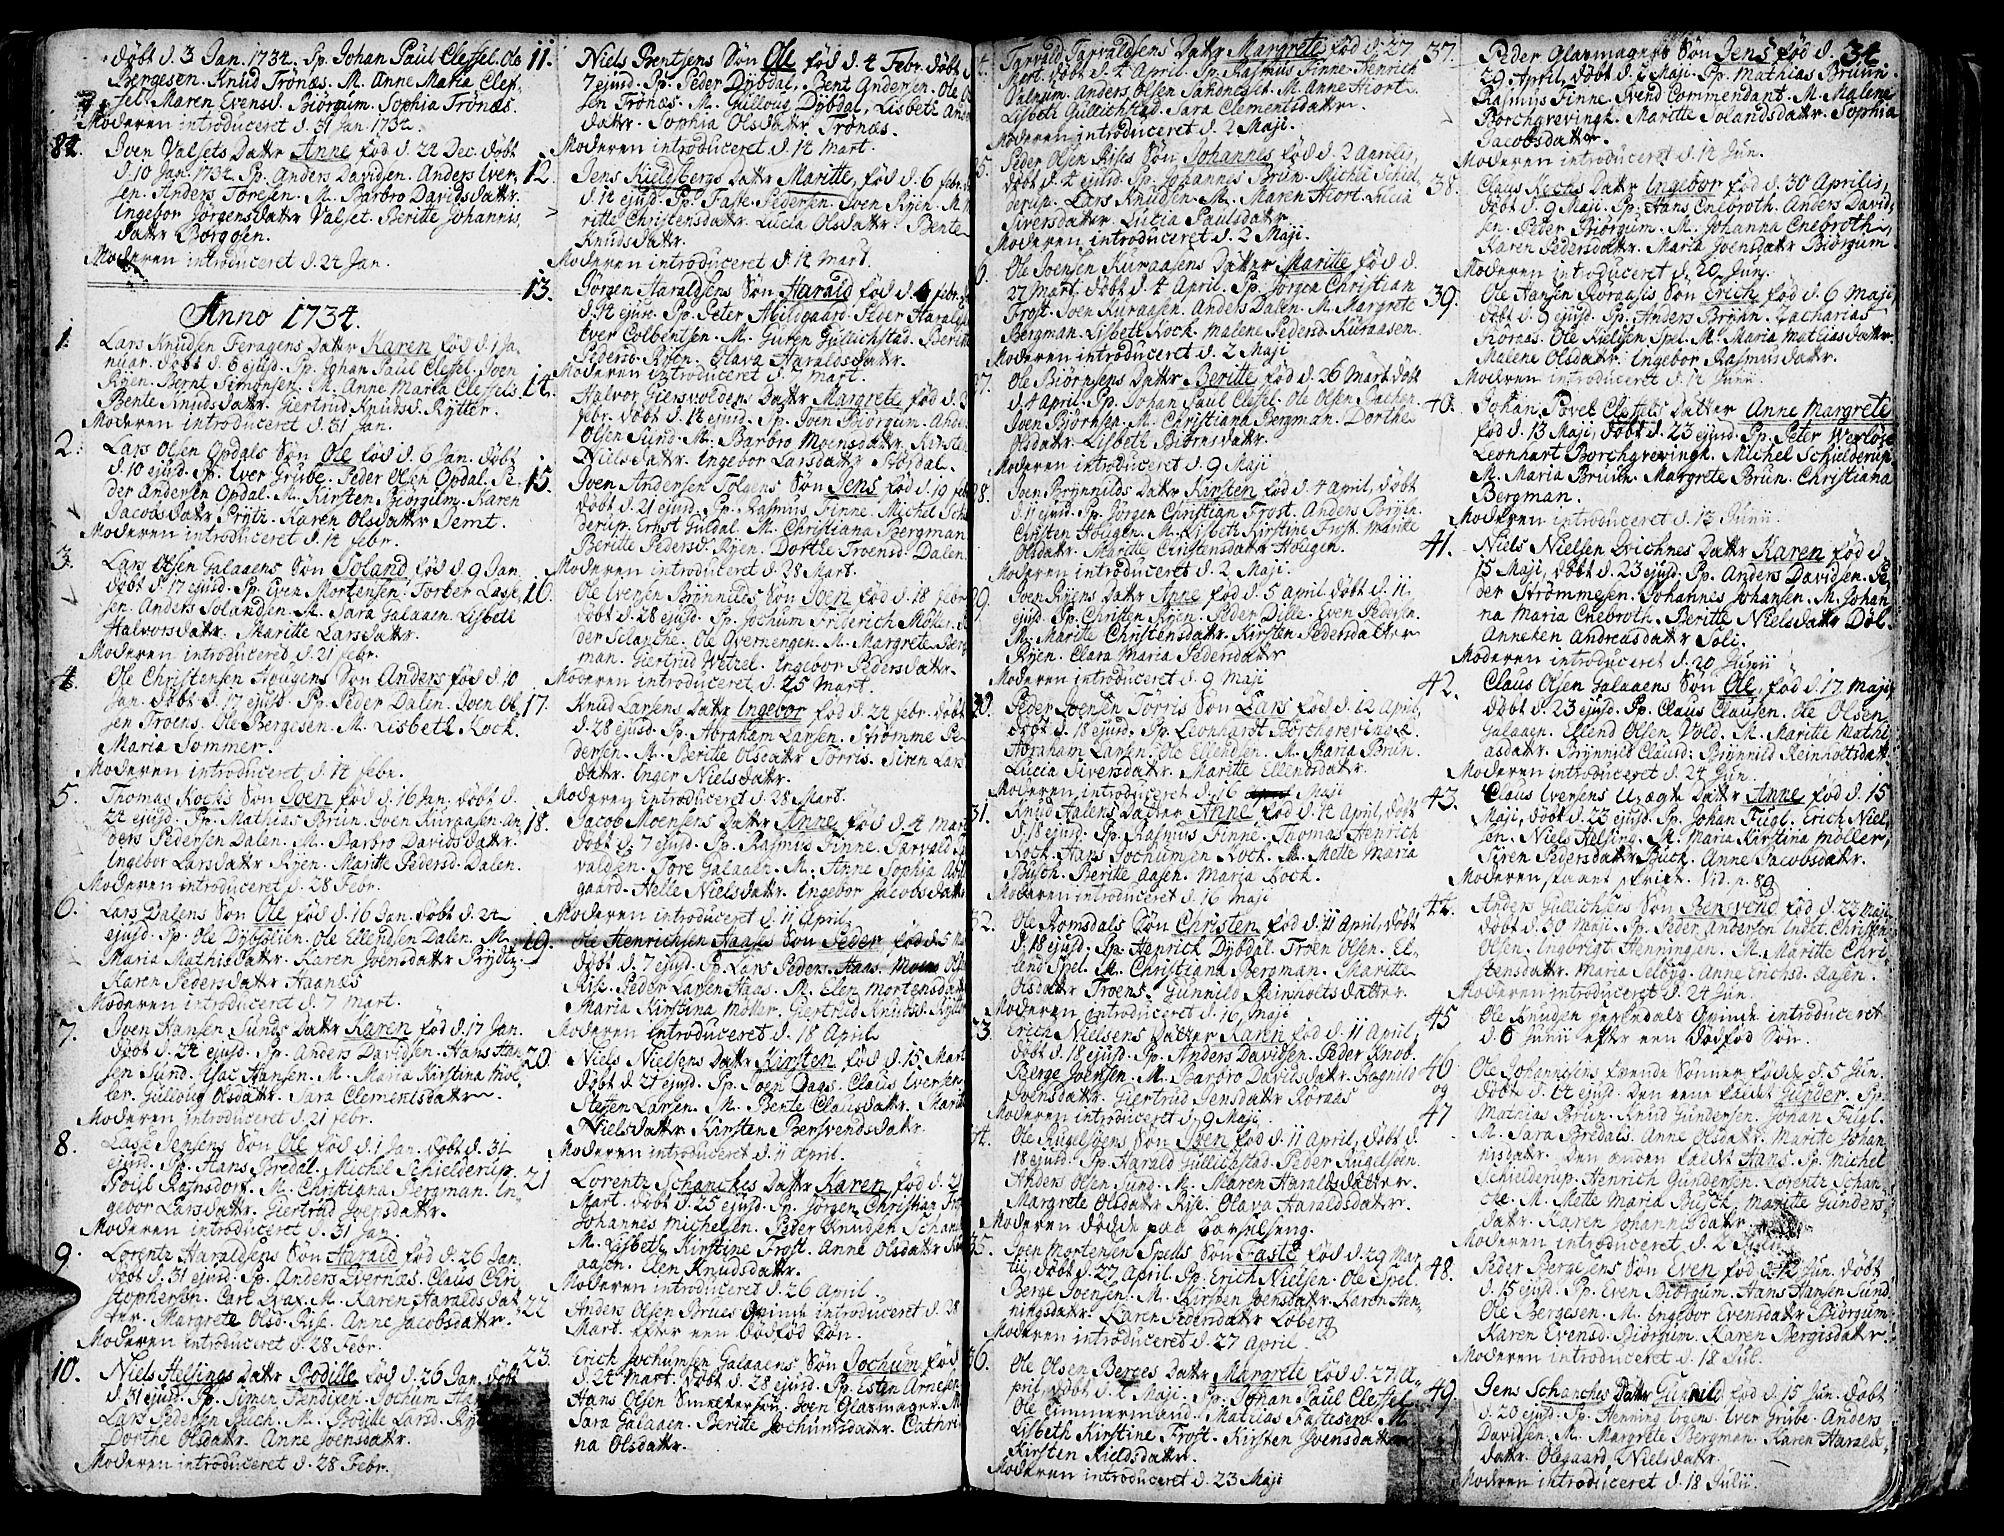 SAT, Ministerialprotokoller, klokkerbøker og fødselsregistre - Sør-Trøndelag, 681/L0925: Ministerialbok nr. 681A03, 1727-1766, s. 34